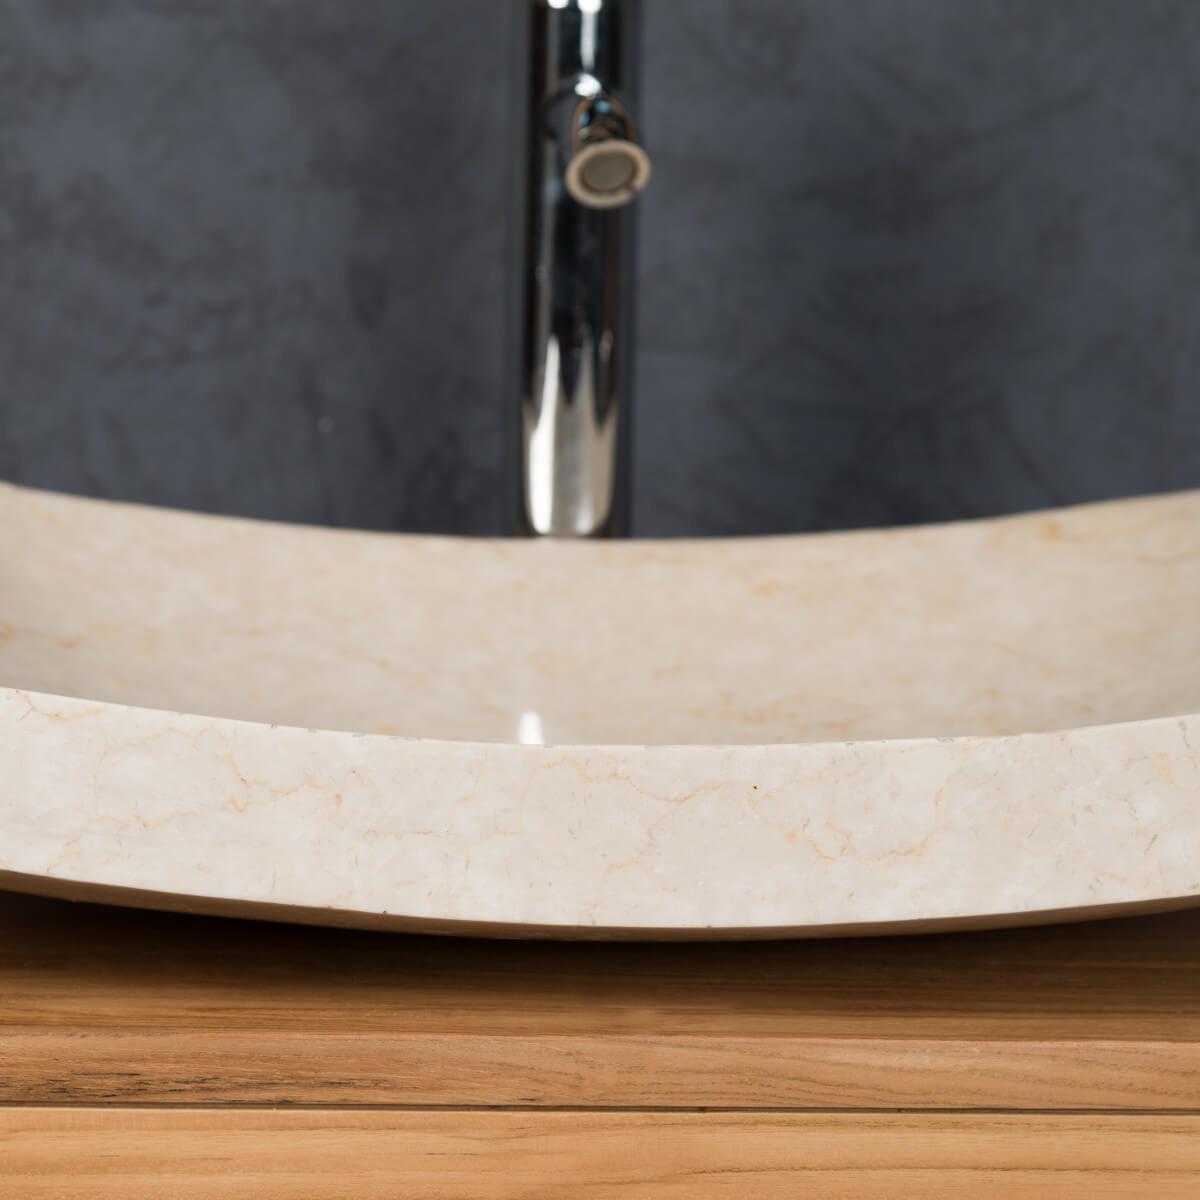 vasque poser en marbre g nes rectangle cr me l 50 cm. Black Bedroom Furniture Sets. Home Design Ideas